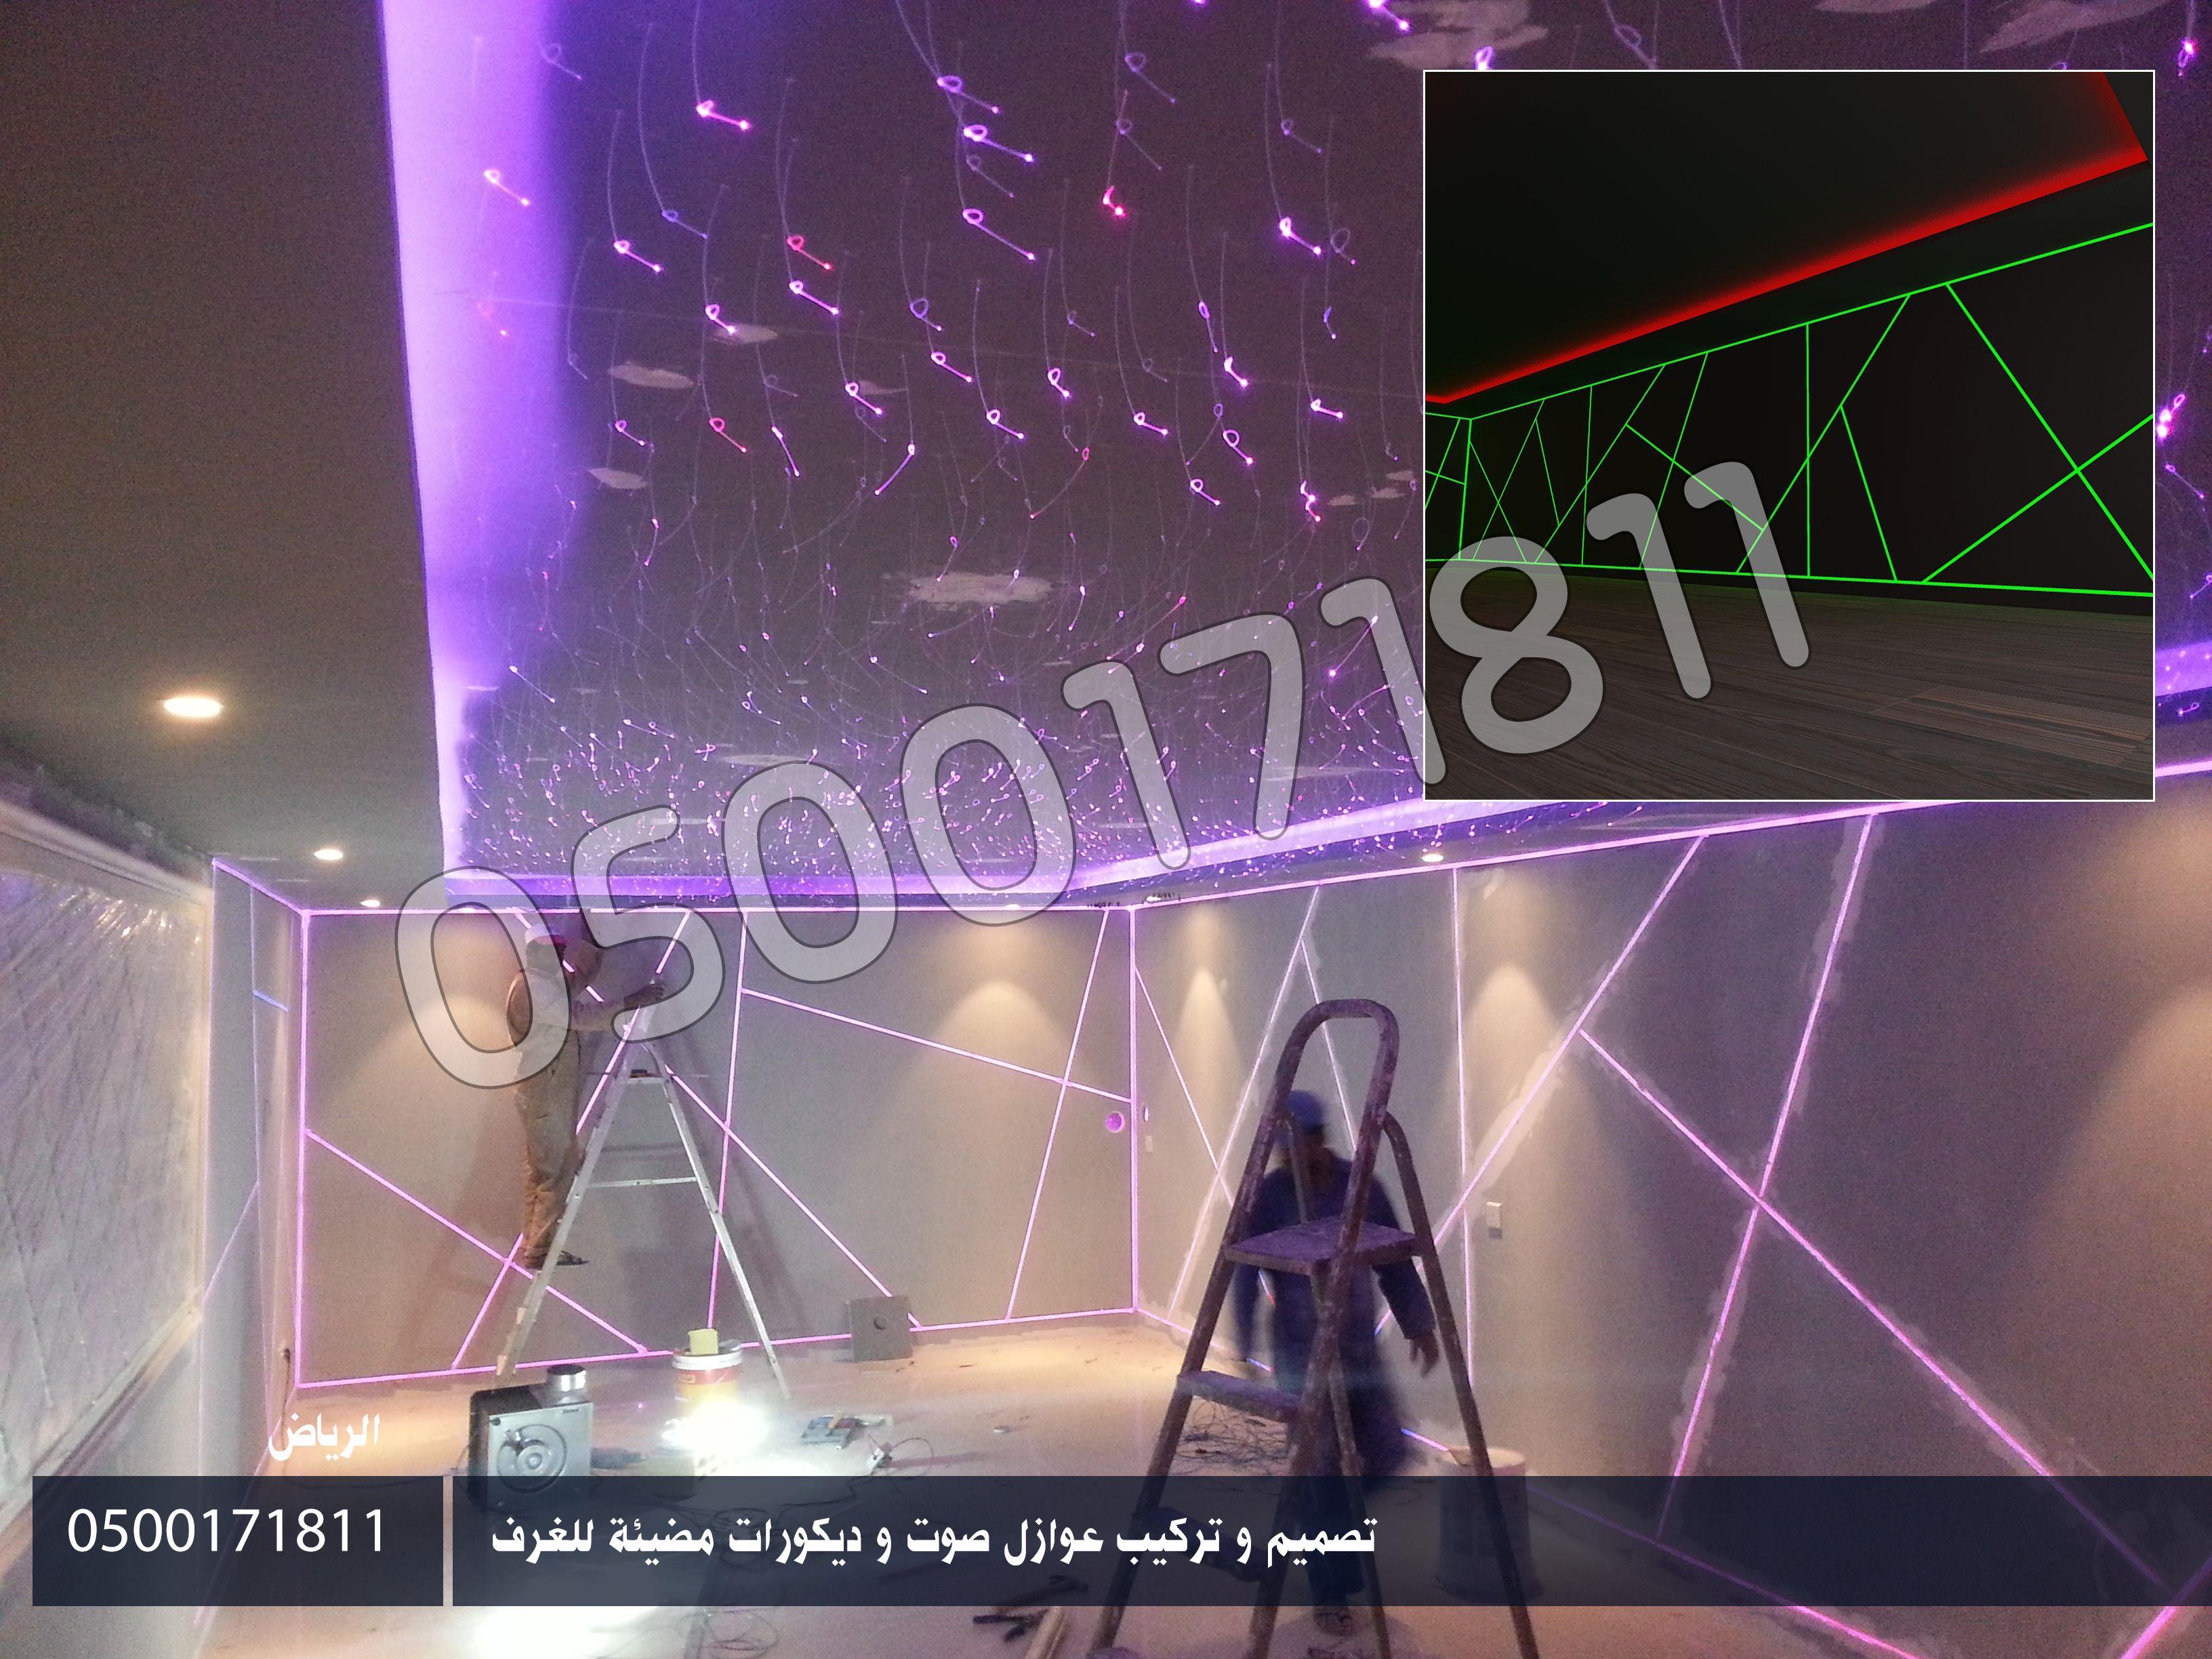 ديكورات الغرف المعزولة عوازل الصوت الرياض Neon Signs Neon Signs